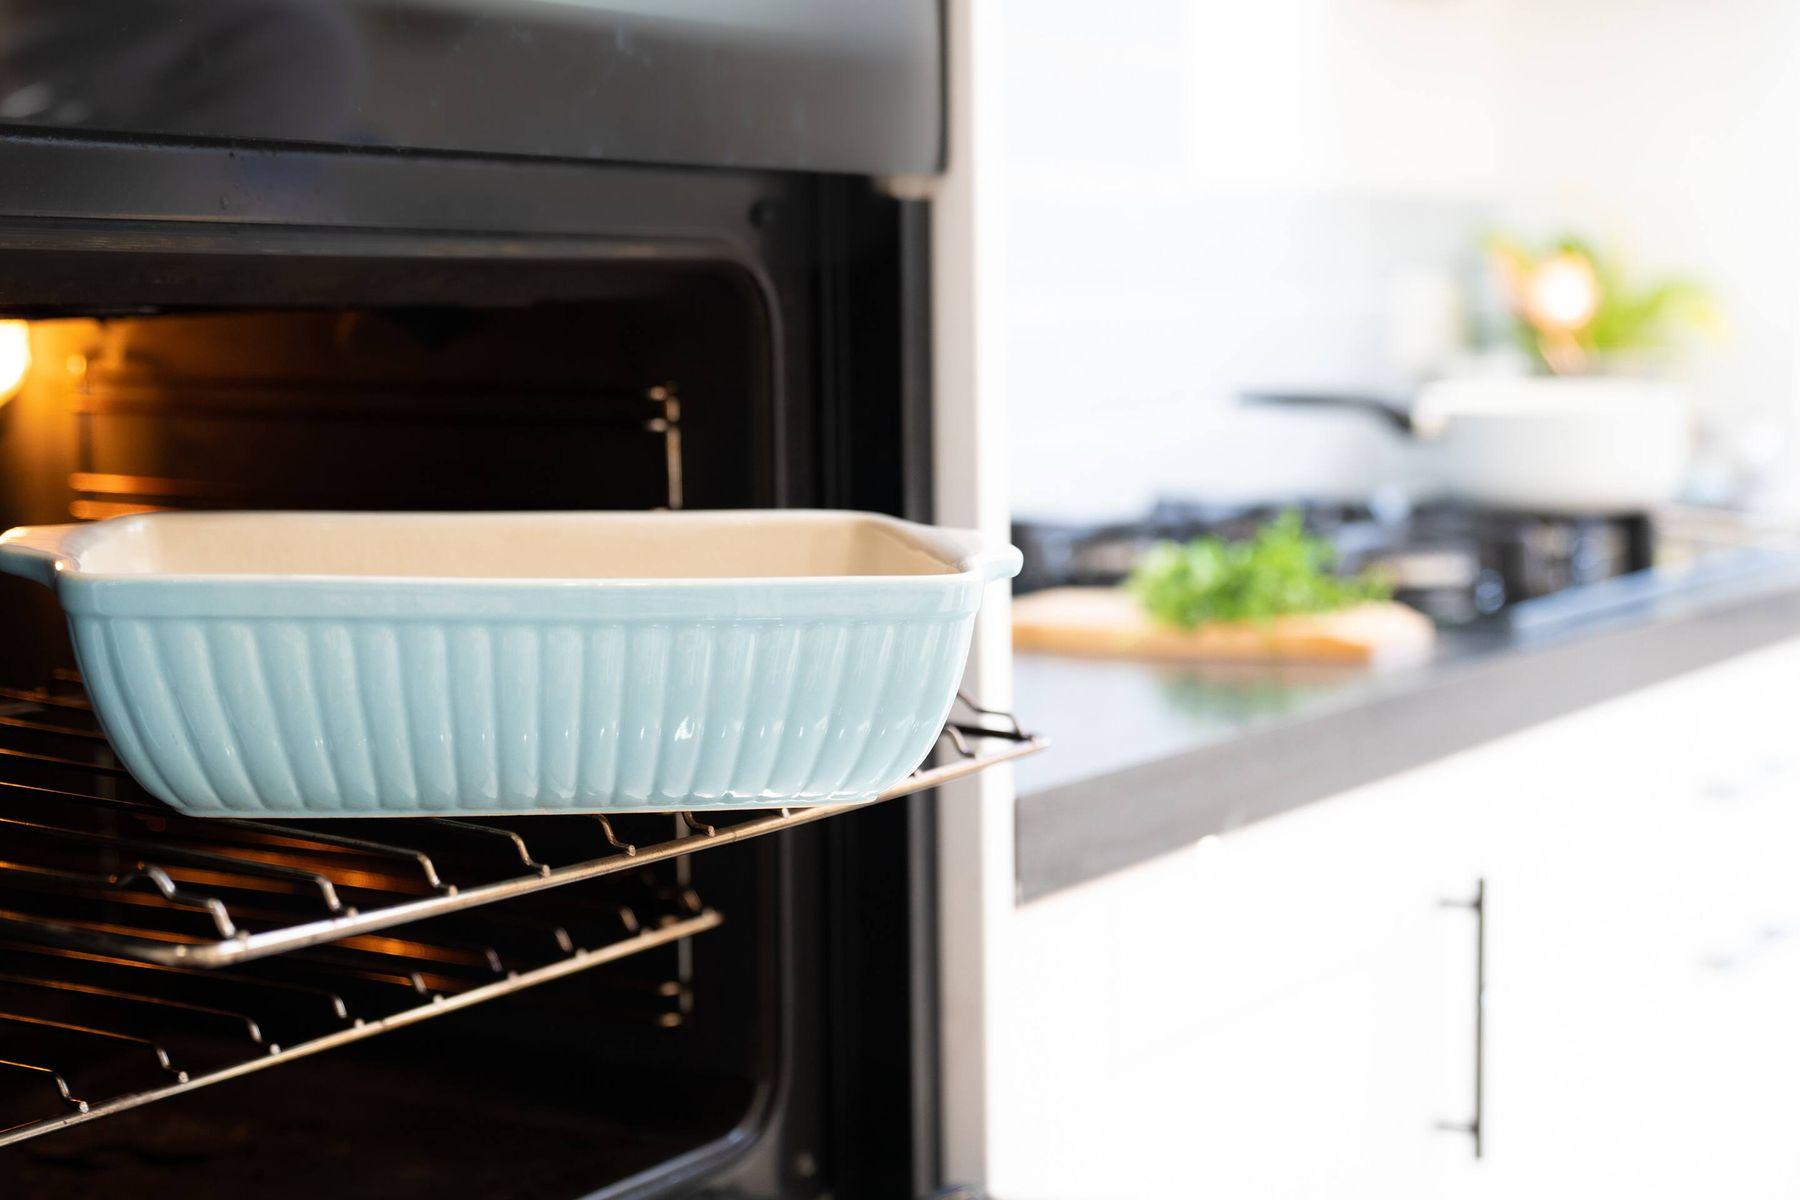 Como se limpia un horno eléctrico correctamente